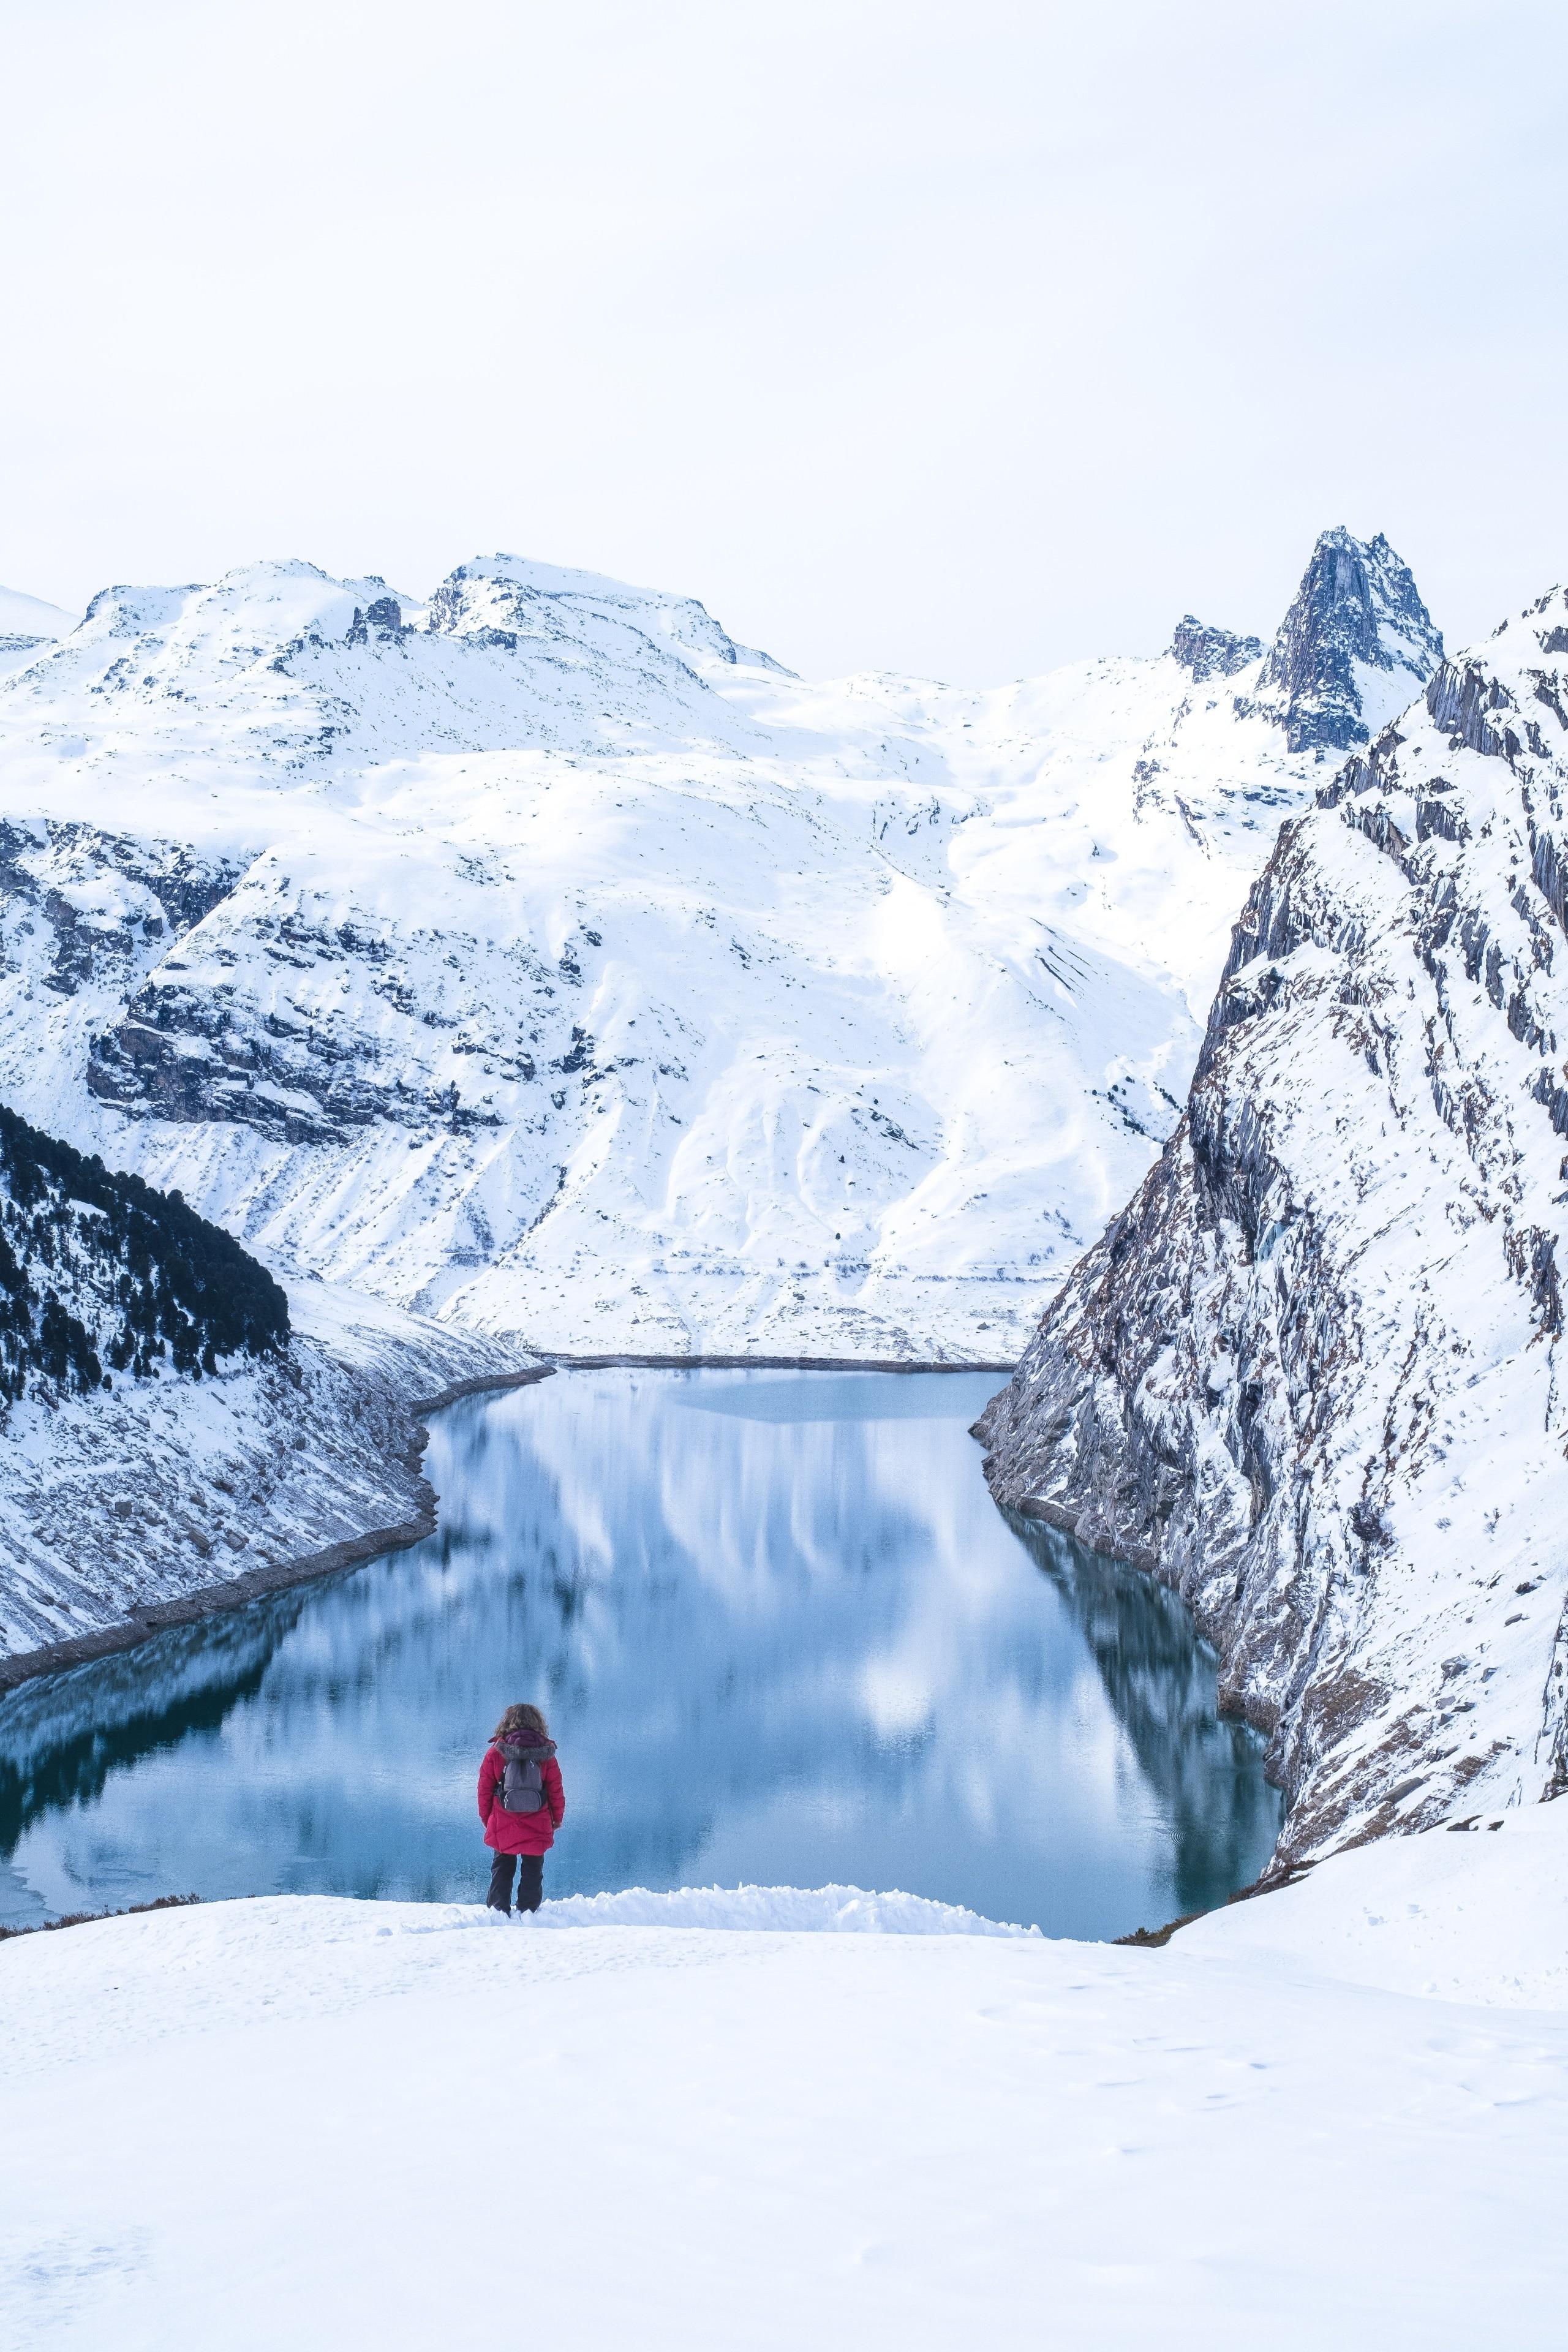 Vals, Graubuenden, Switzerland